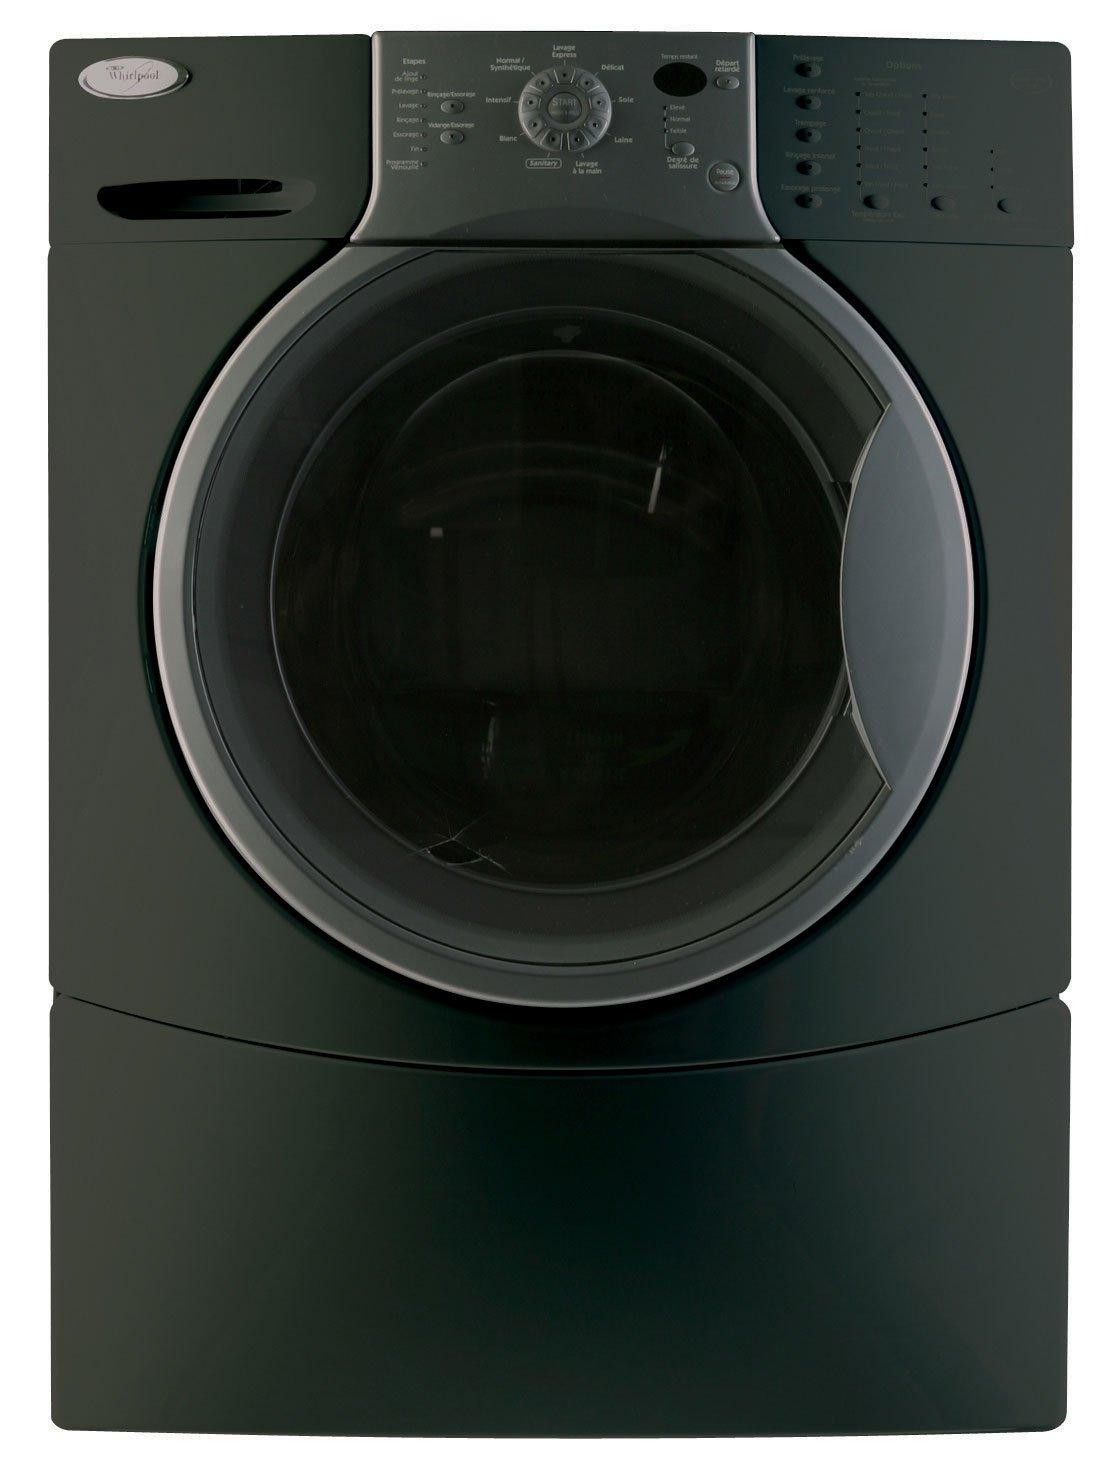 Whirlpool-AWM9100-GH-Waschautomat-10-kg-Tommel-87-L-zur-gewerblichen-Nutzung